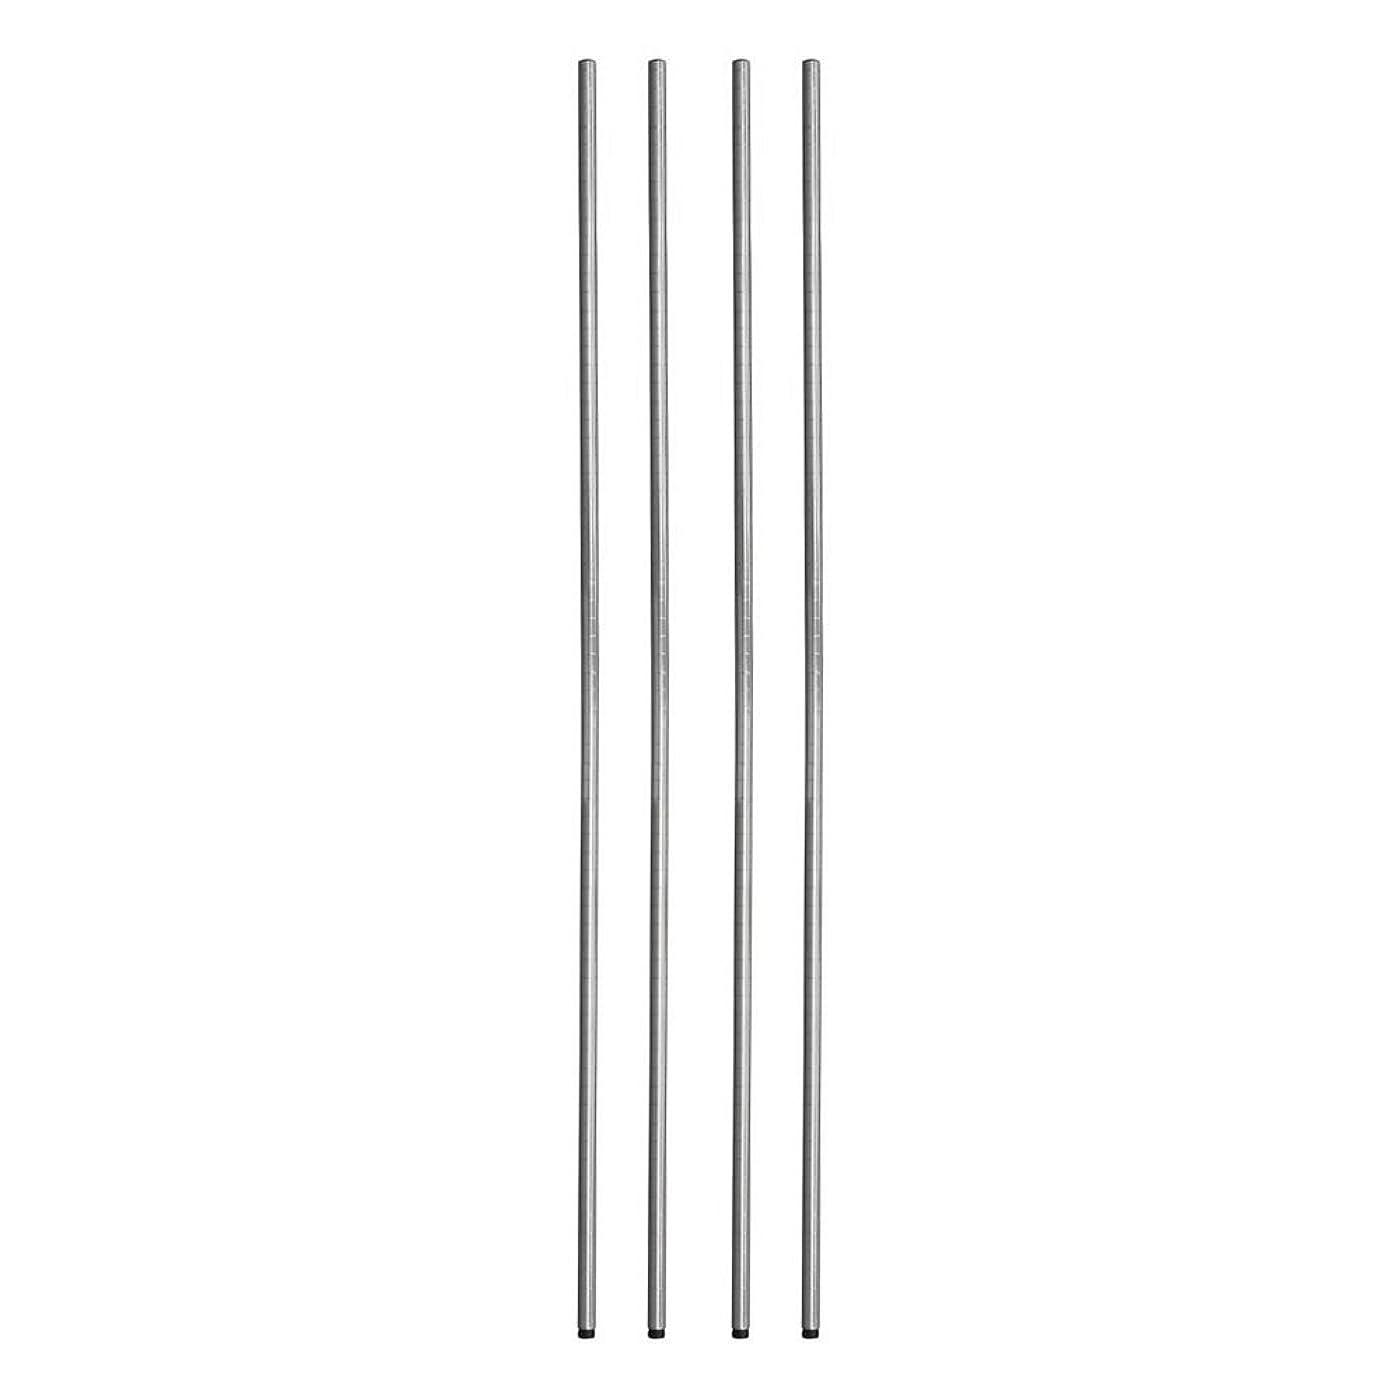 洗剤遺跡協同ルミナス ポール径25mm用パーツ ポール(支柱) ポール 180cm(4本セット) 高さ180cm 25P180*4